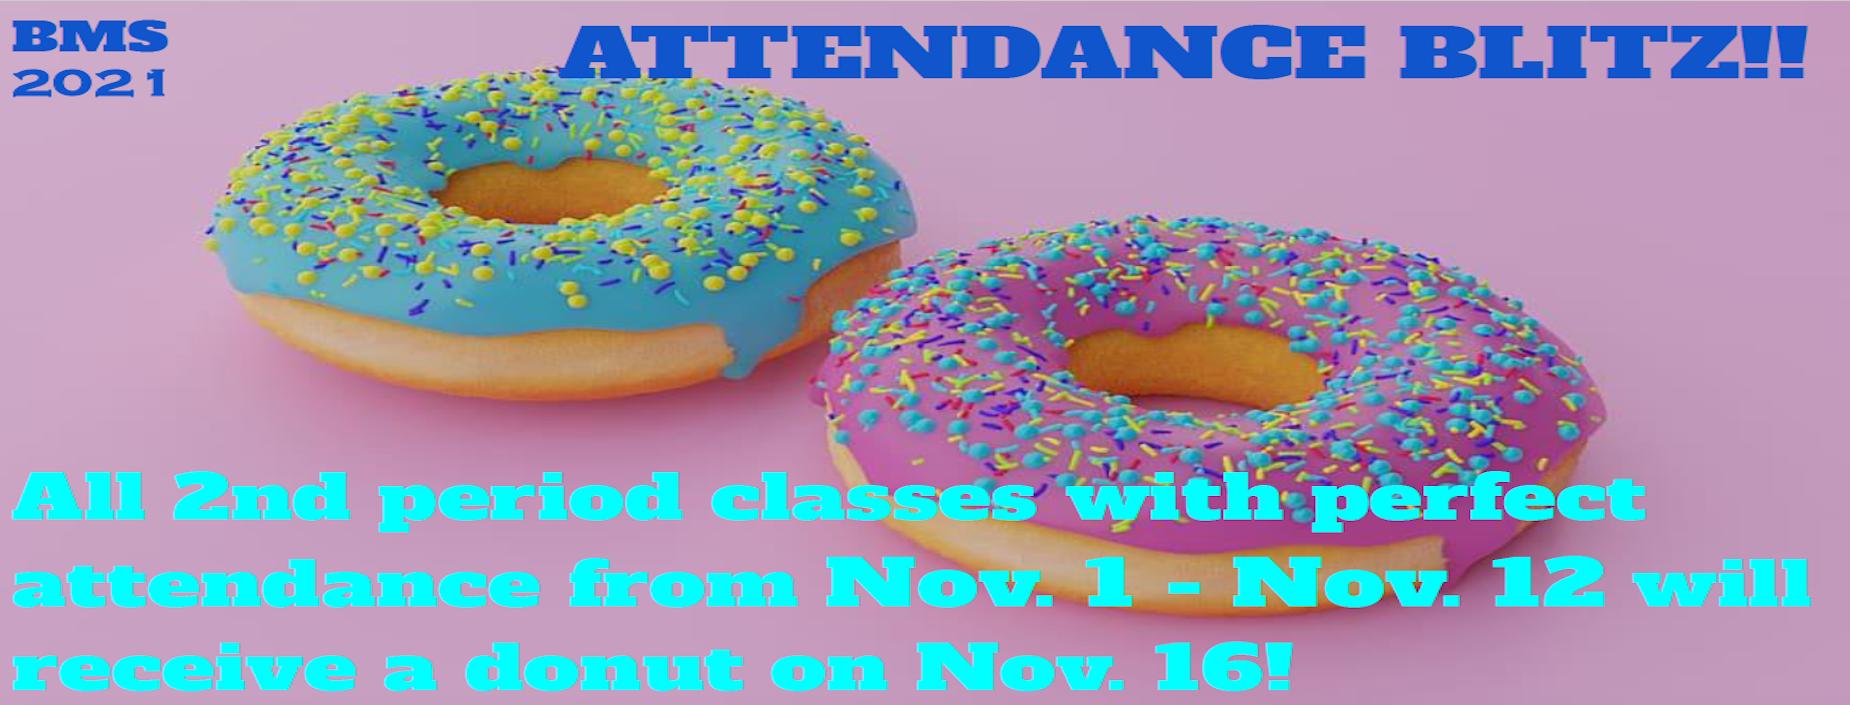 attendance blitz